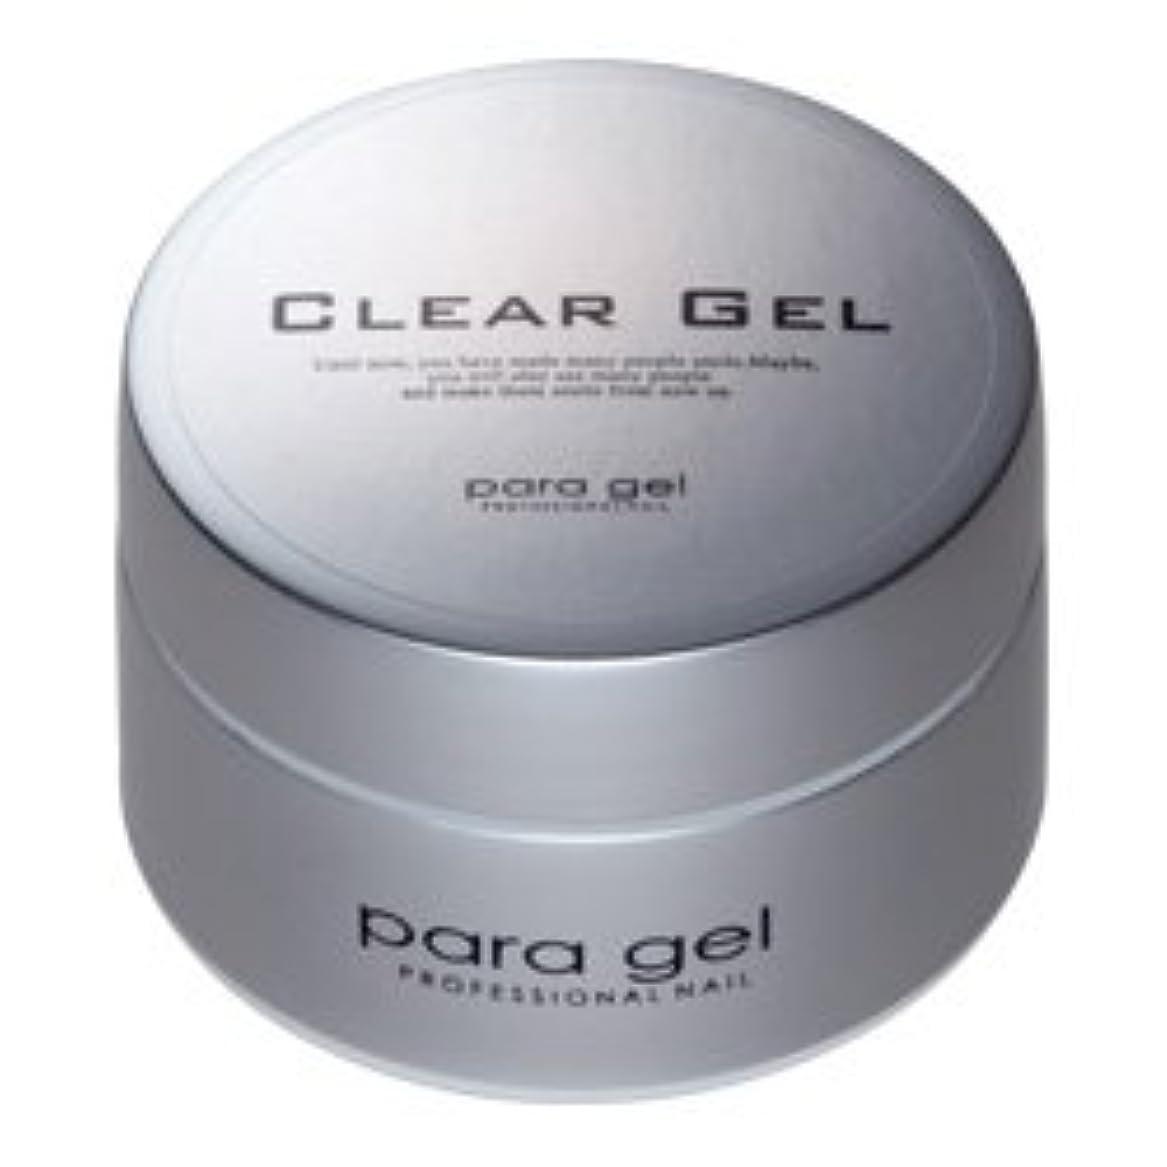 空いている極めて自明★para gel(パラジェル) <BR>クリアジェル 10g